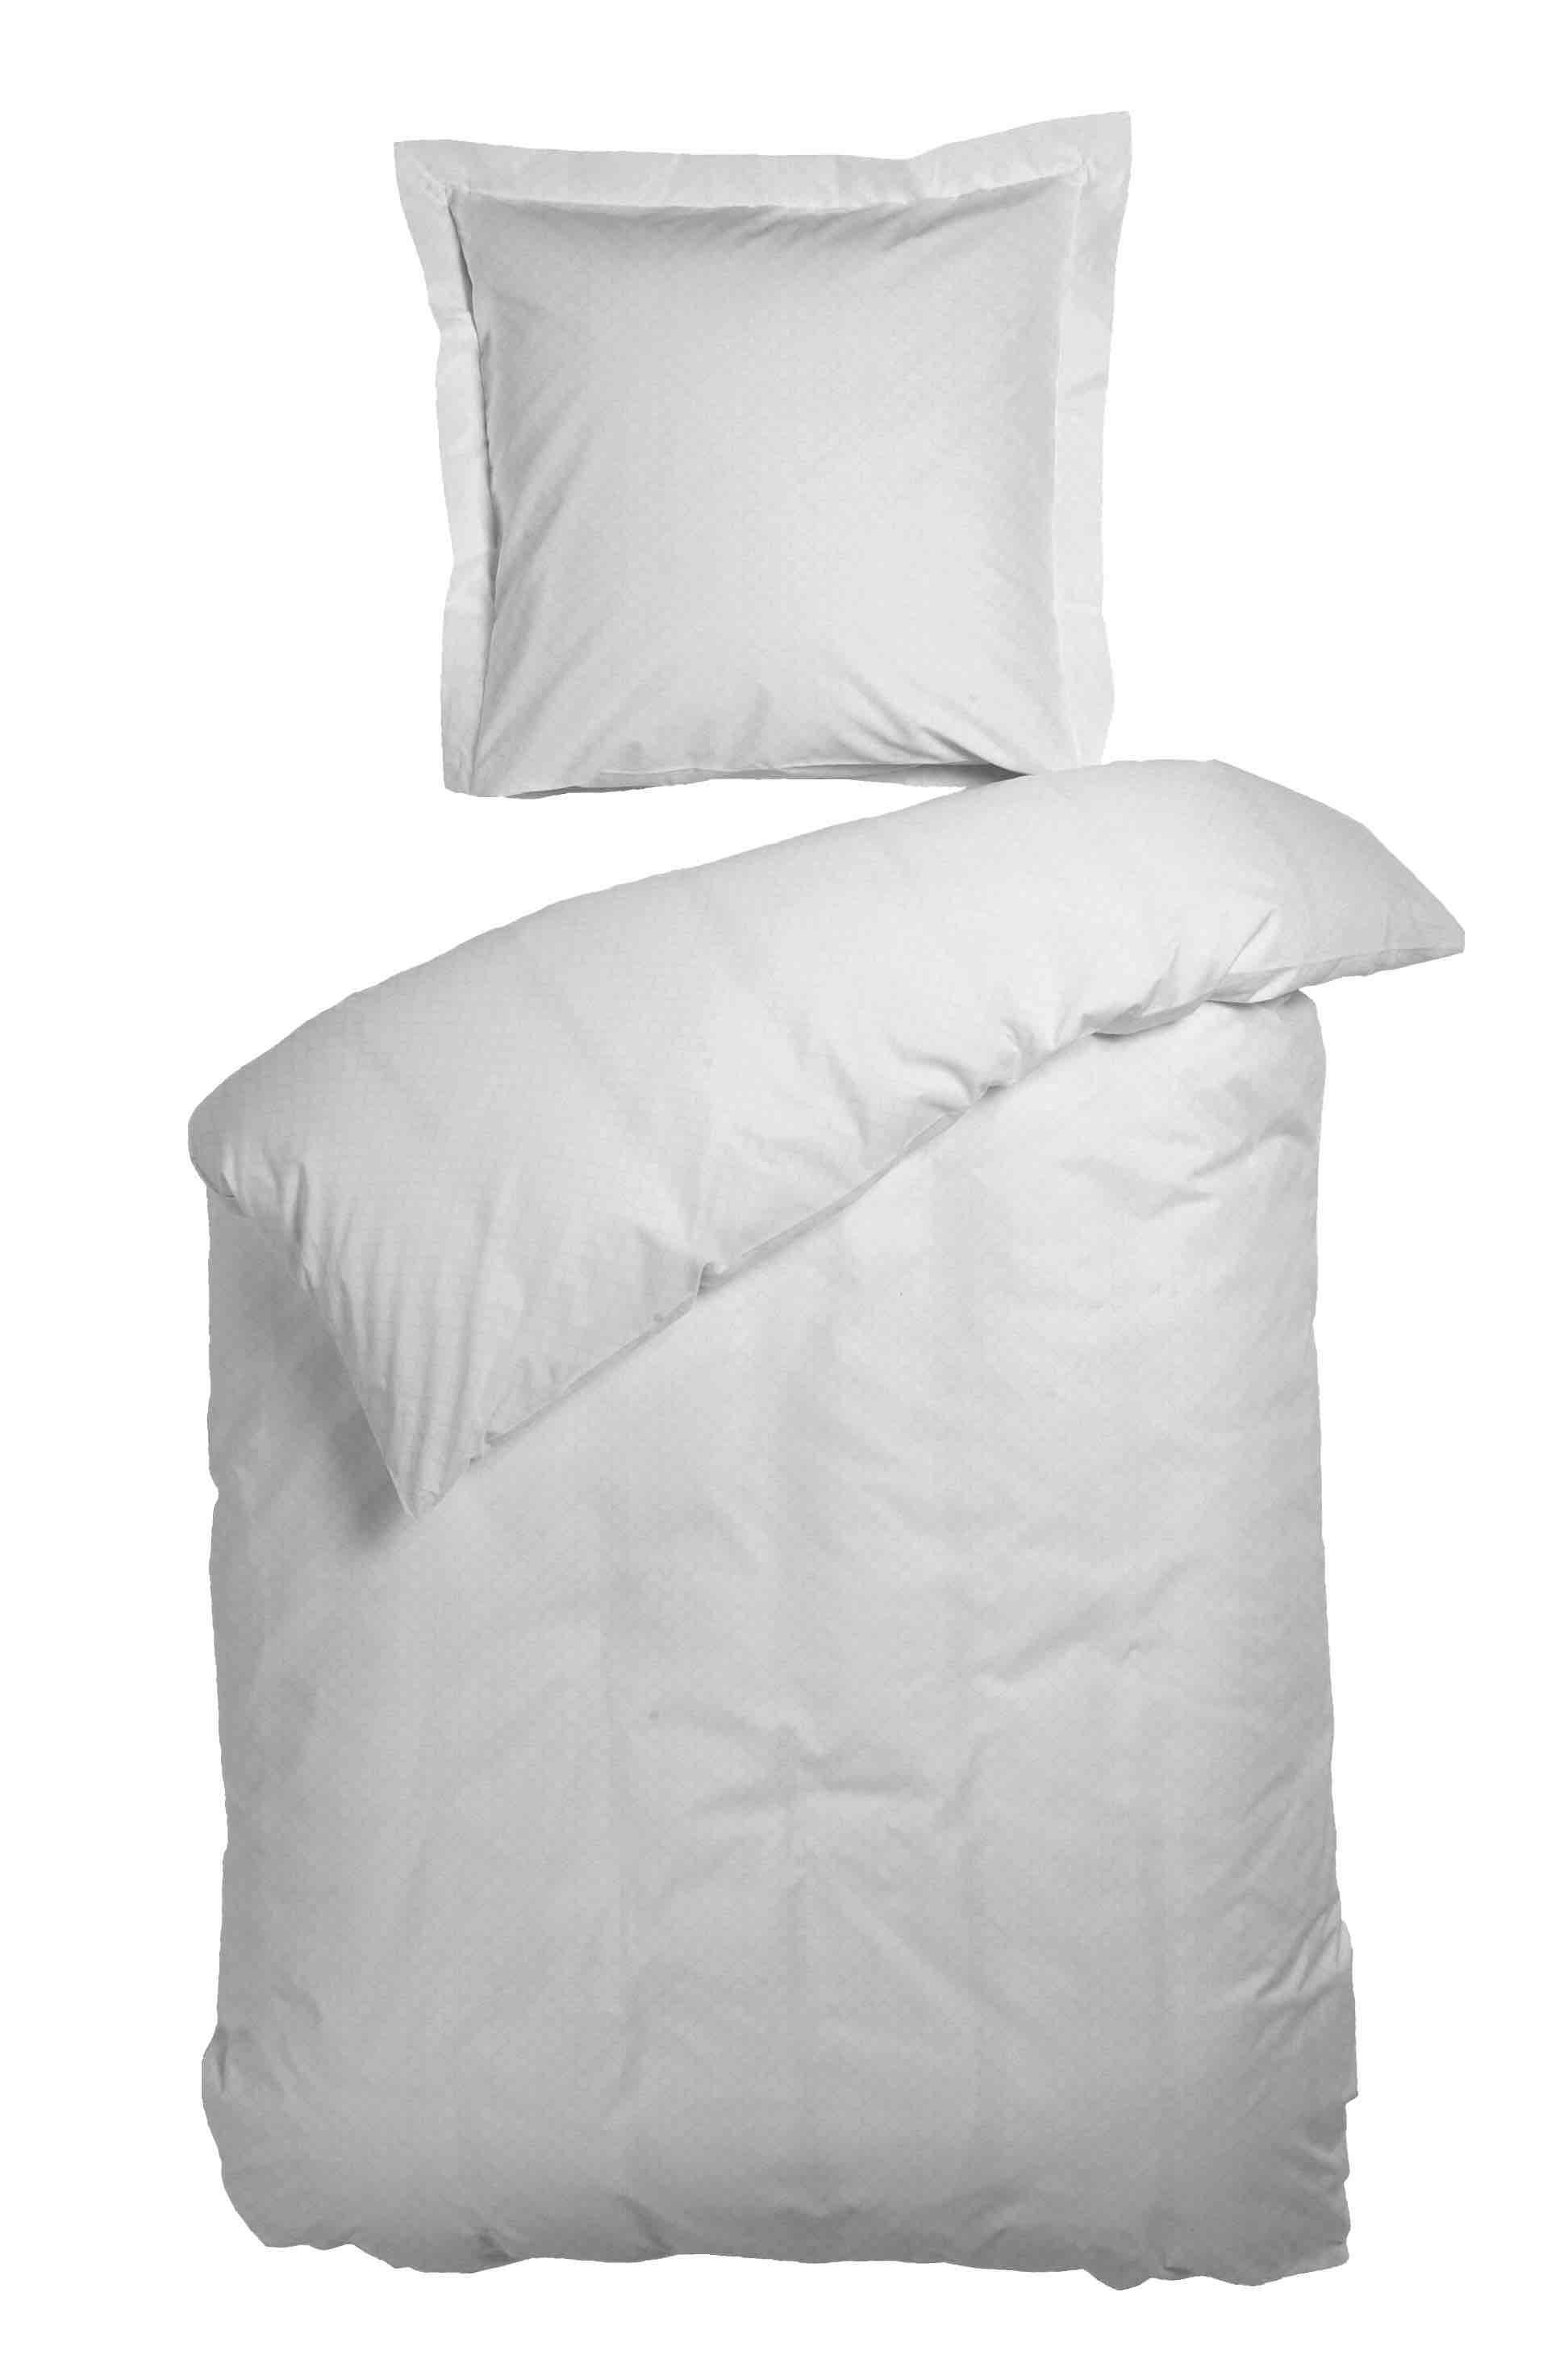 Sensationelle Sengetøj 140x220 cm : Eksklusiv sengetøj fra NIGHT & DAY - OPAL TG46